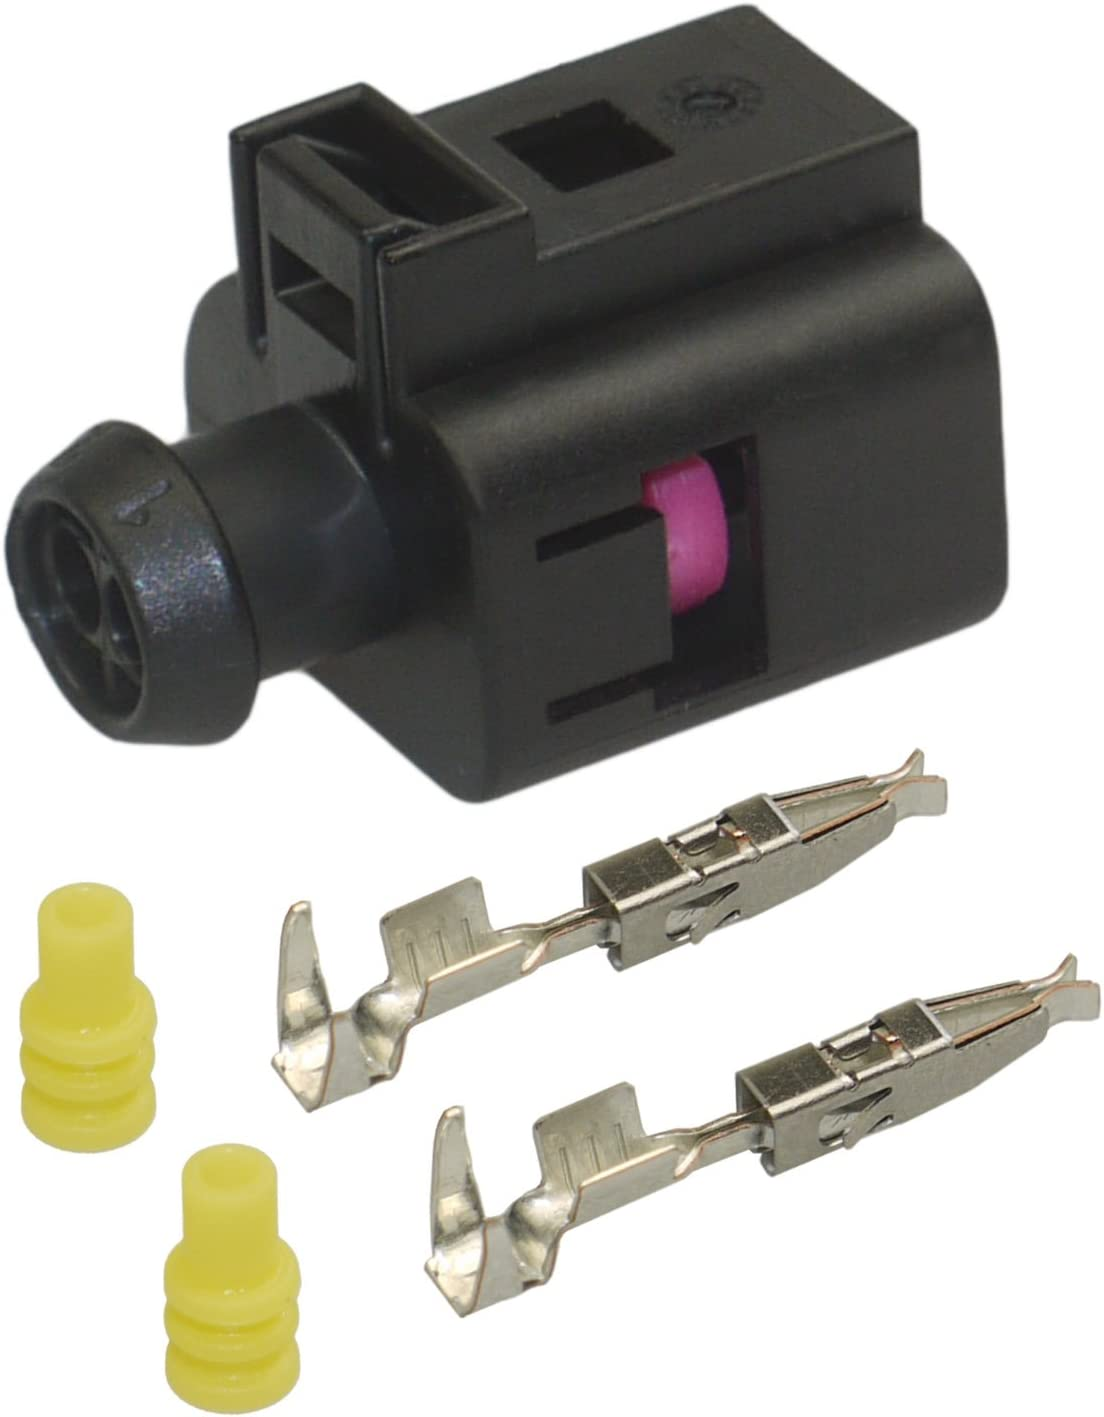 Stecker 2-polig Reparatursatz für VW 1J0973722 8D0973822 Steckverbindung Crimp